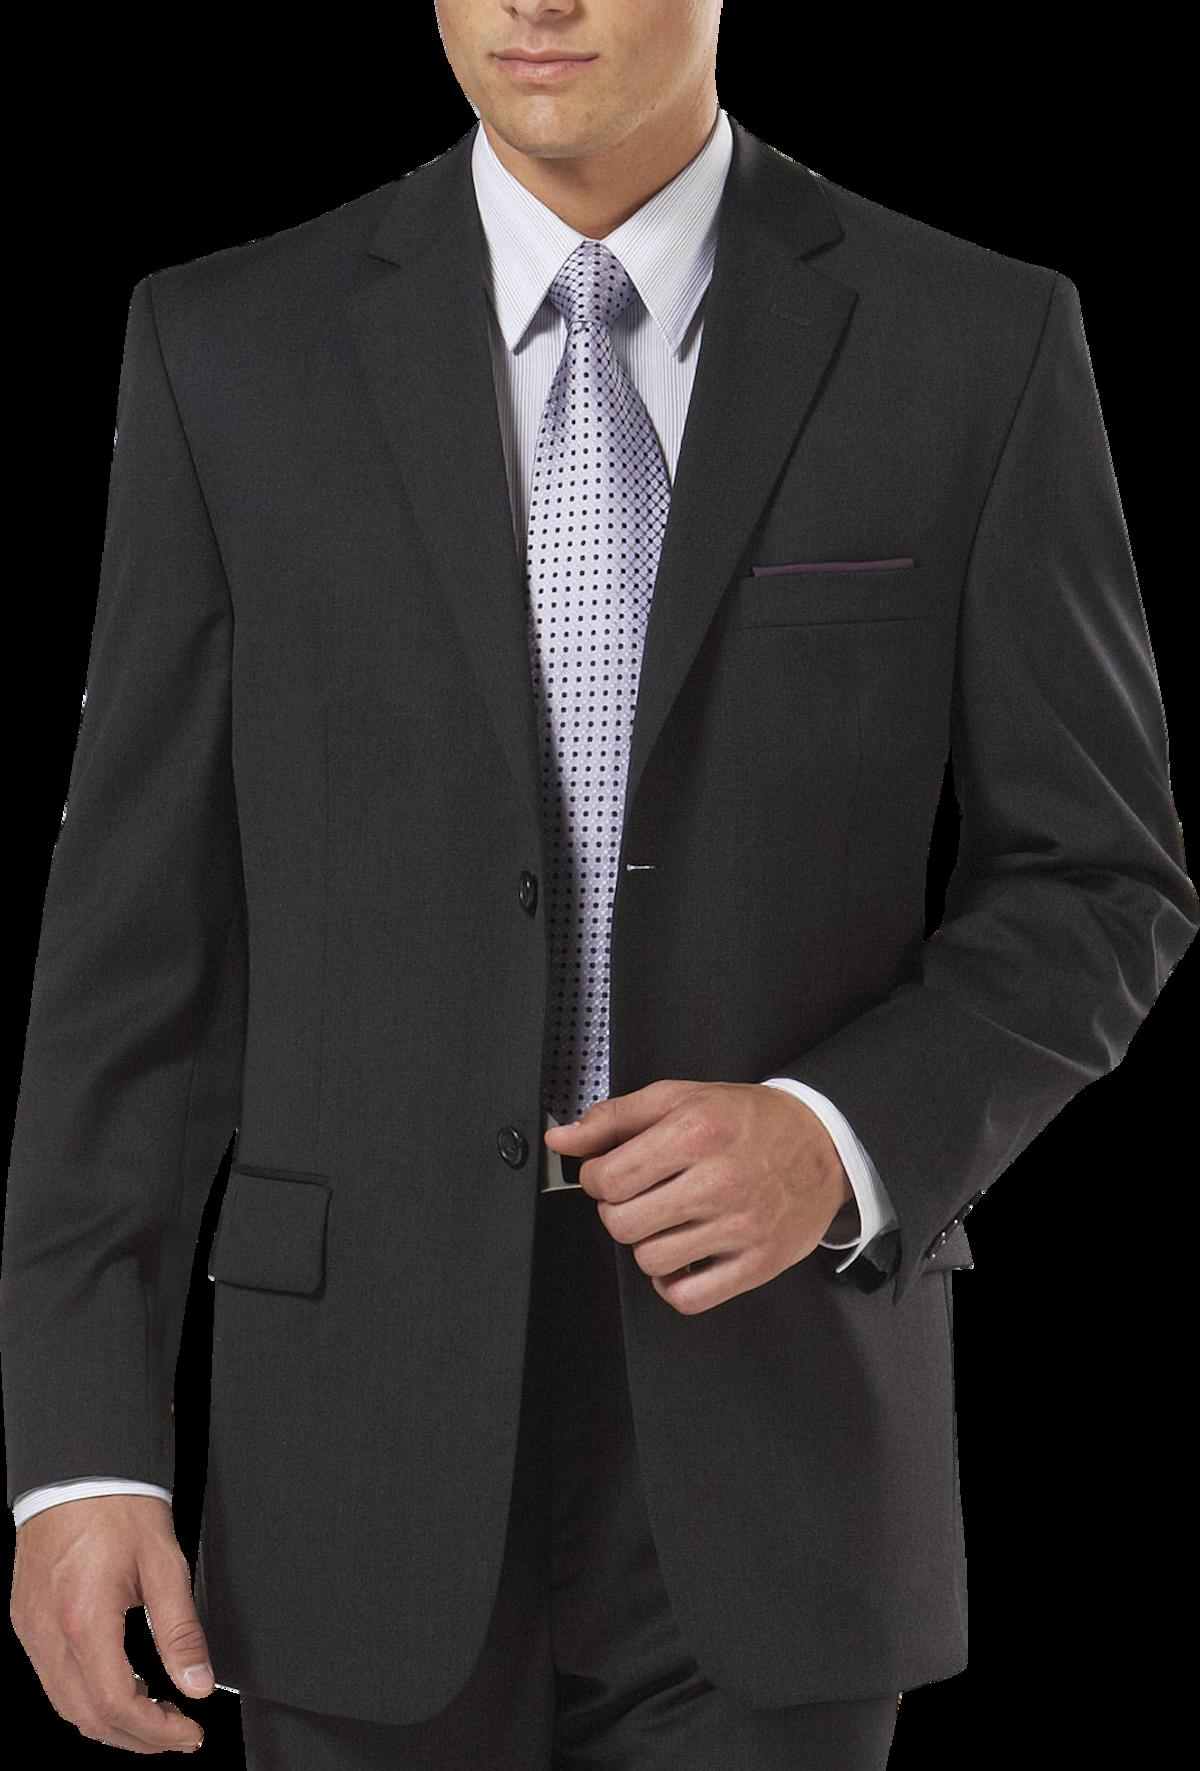 Men S Clothing Sale Suits Dress Shirts More Men S Wearhouse